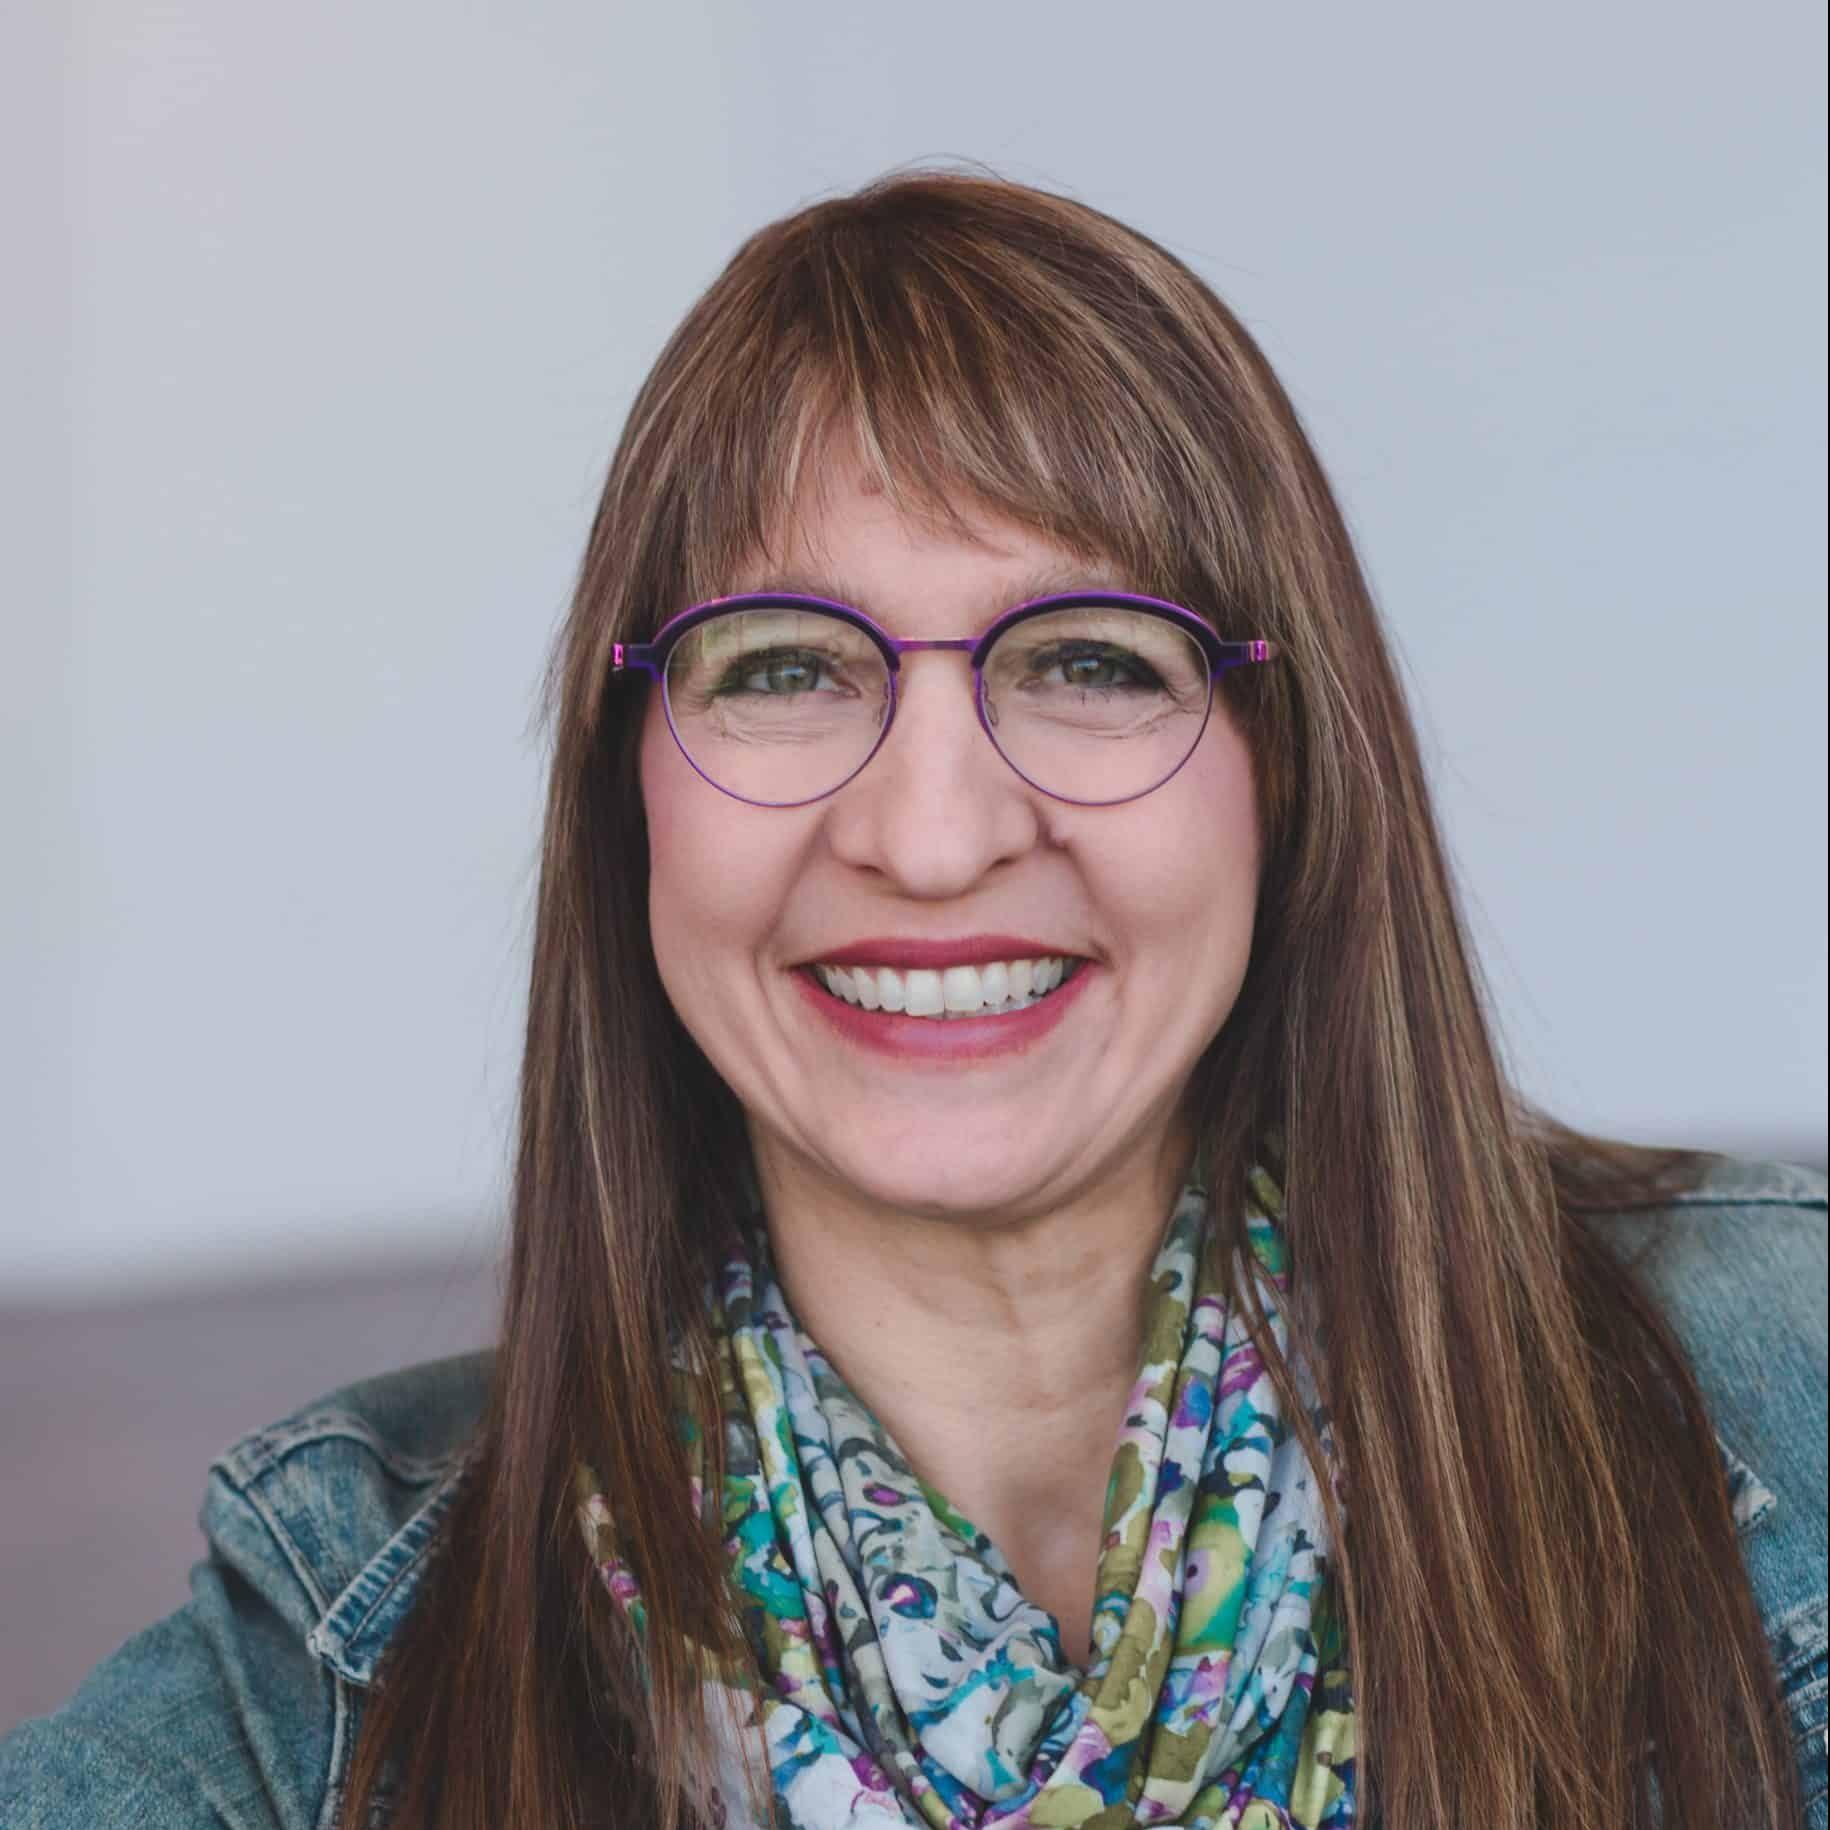 Annie Perdue-Olson